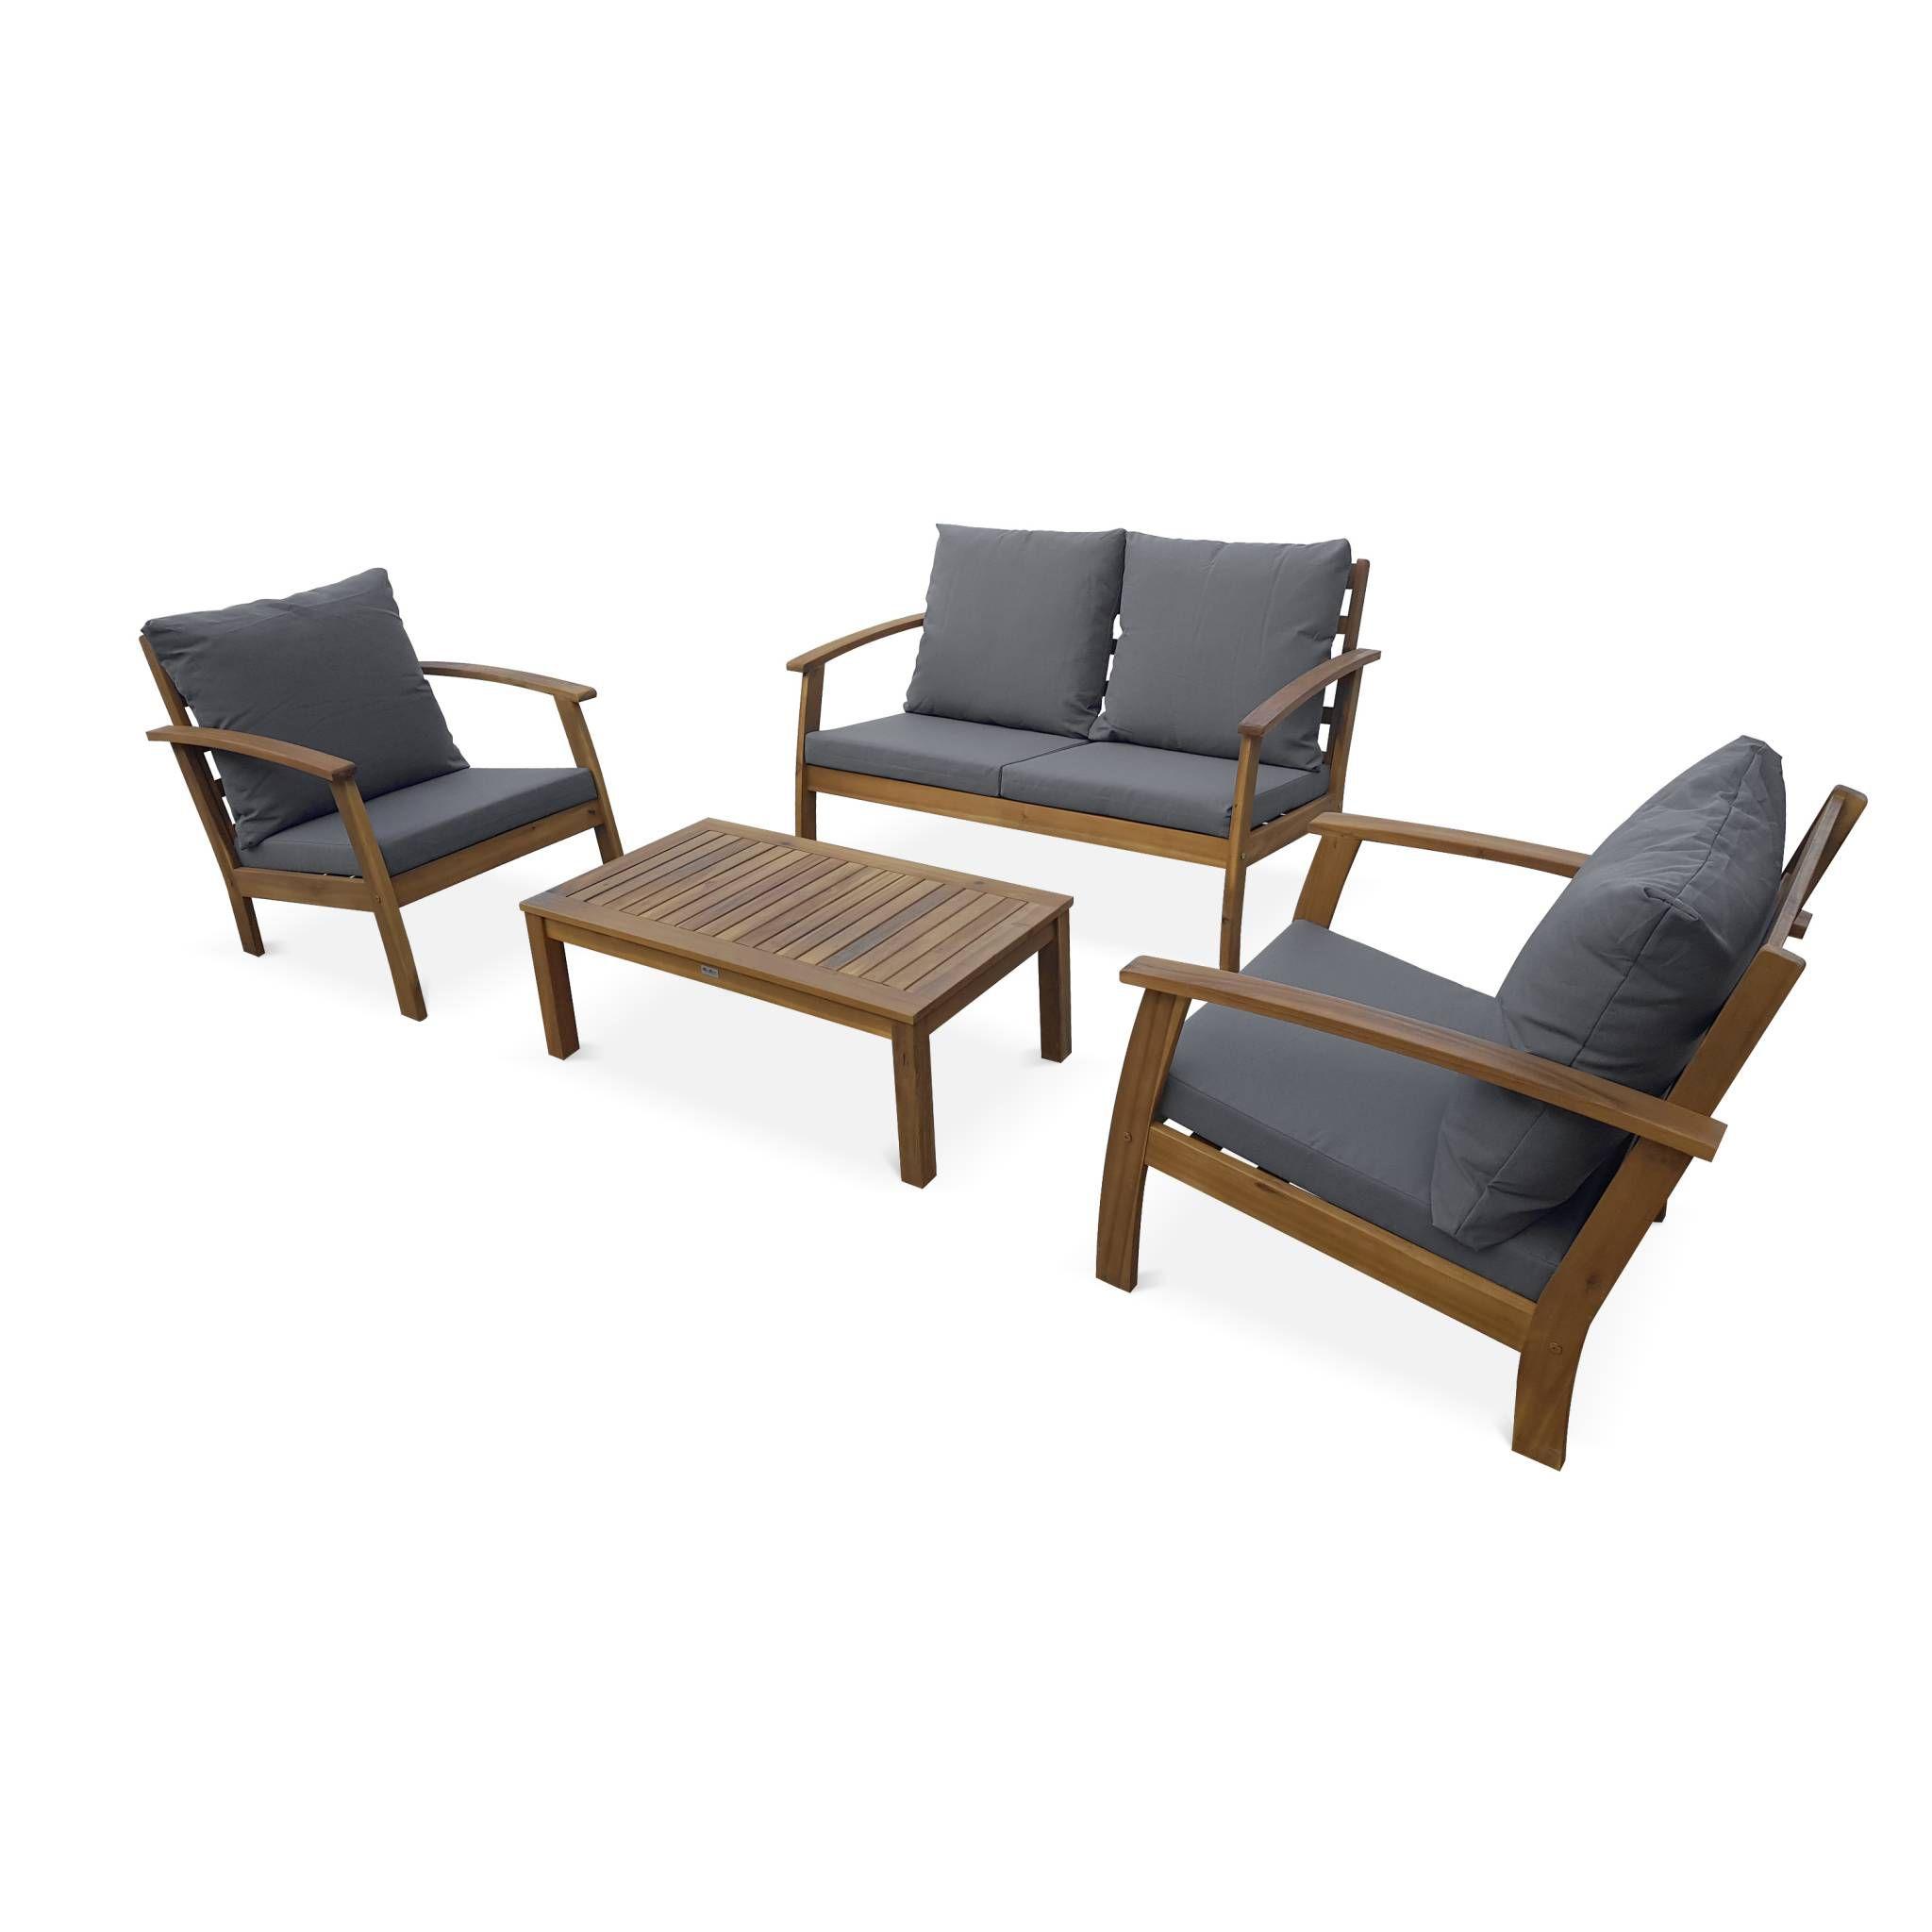 Salon de jardin en bois 4 places - Ushuaïa - Coussins Gris, canapé, fauteuils et table basse en acacia, design